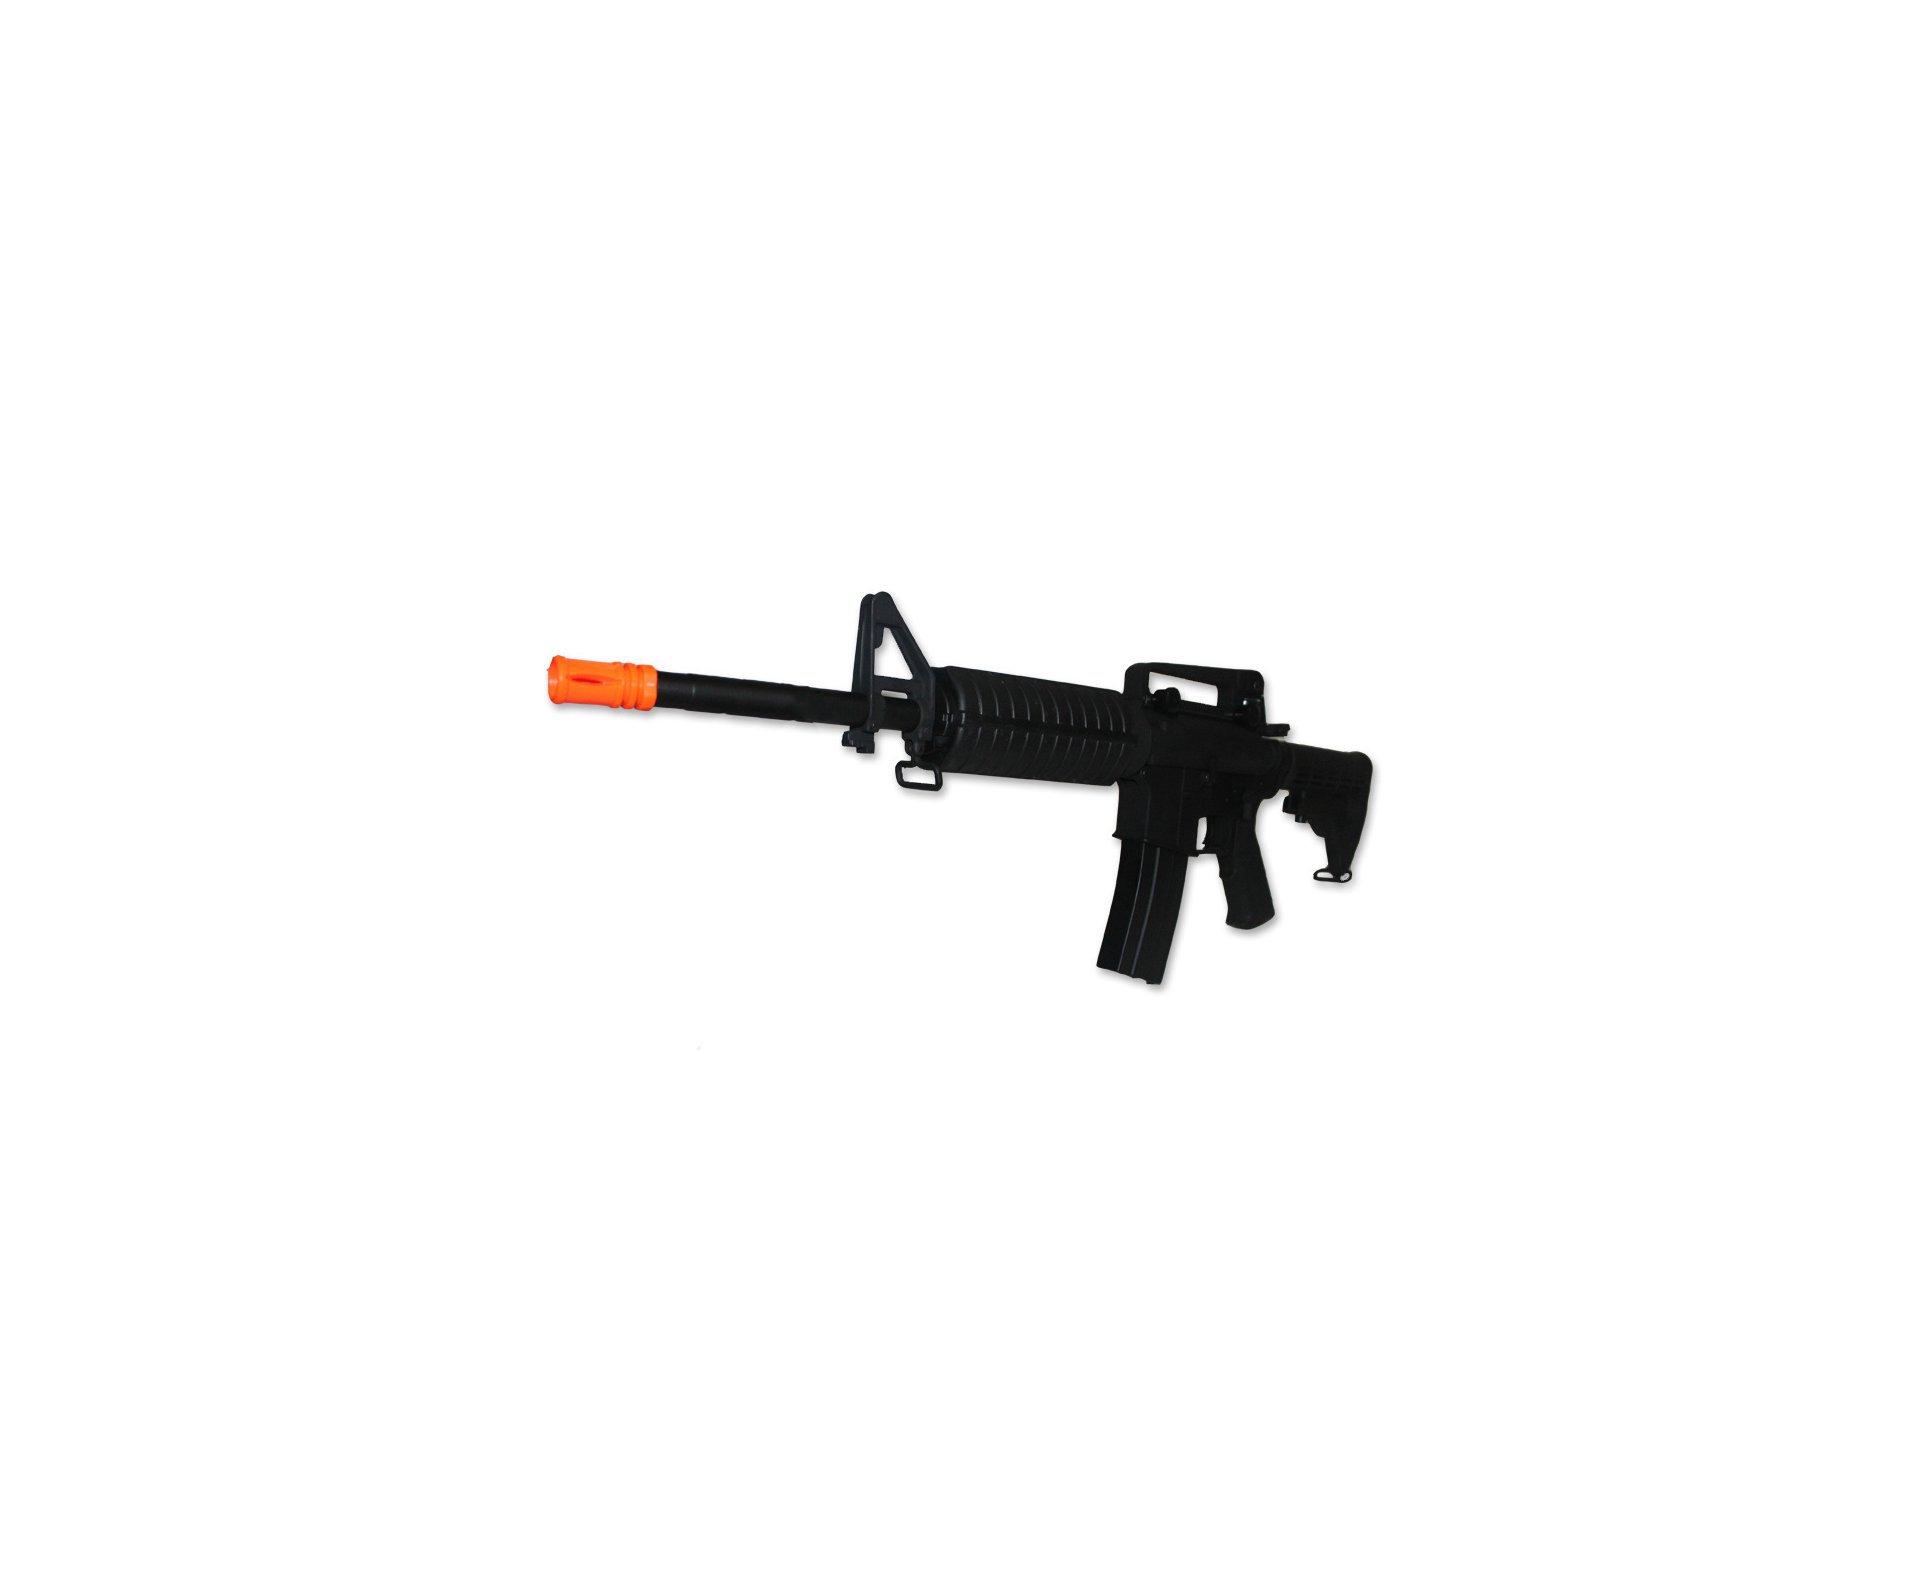 Rifle De Airsoft M4a1 - Full Metal - Calibre 6,0 Mm - Cyma Cm002a1